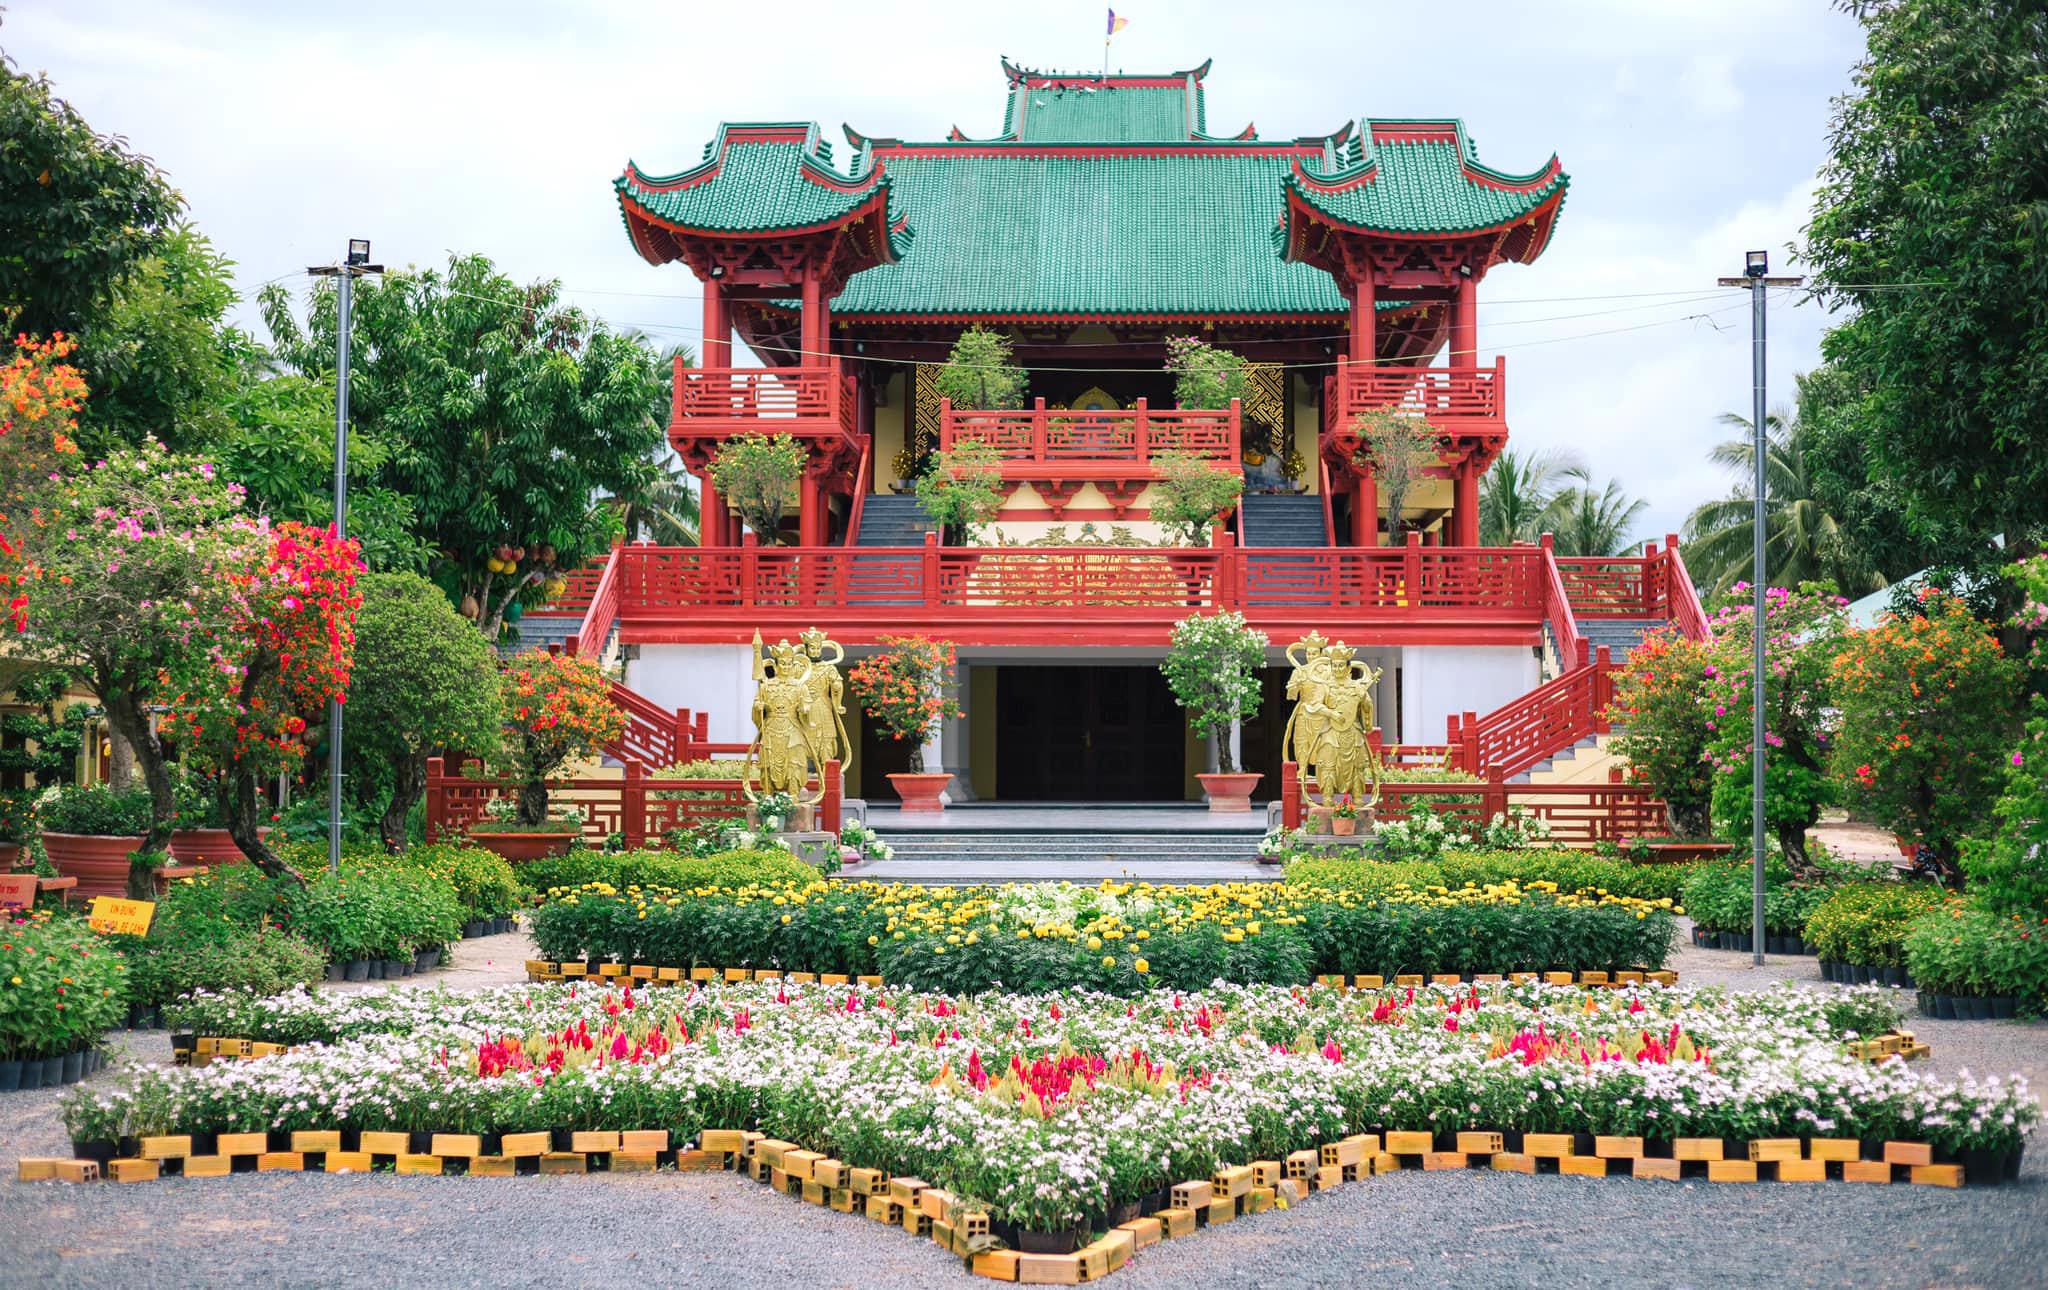 Chùa Lầu - Ngôi chùa có kiến trúc ấn tượng ở An Giang